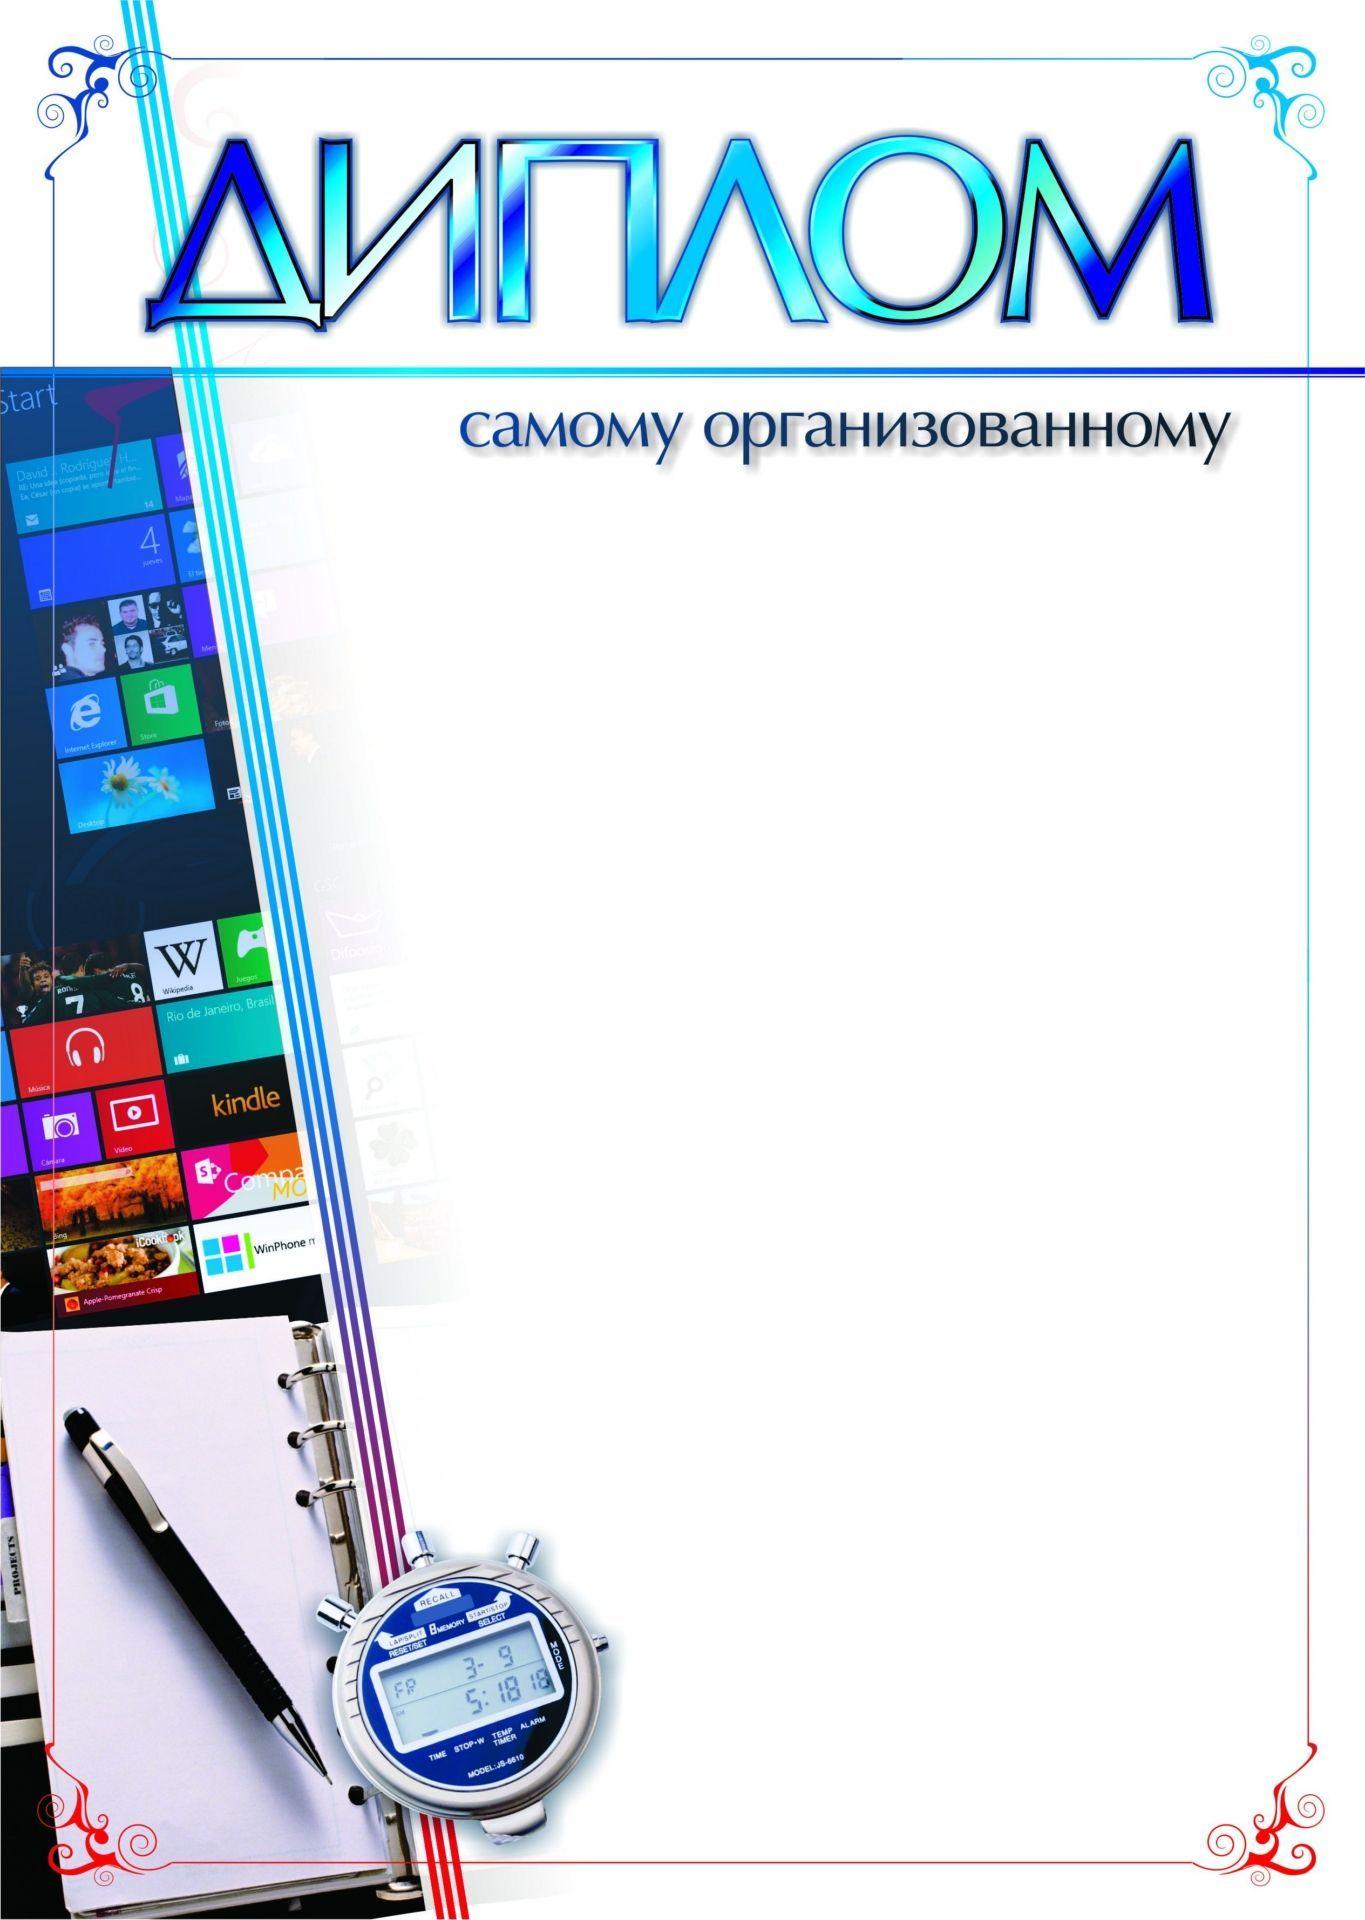 Диплом самому организованному: (Формат А4, бумага мелованная матовая пл. 250 гр.)Учащимся<br>Материалы:на обложку - бумага мелованная, пл. 250.00.<br><br>Год: 2017<br>Высота: 297<br>Ширина: 210